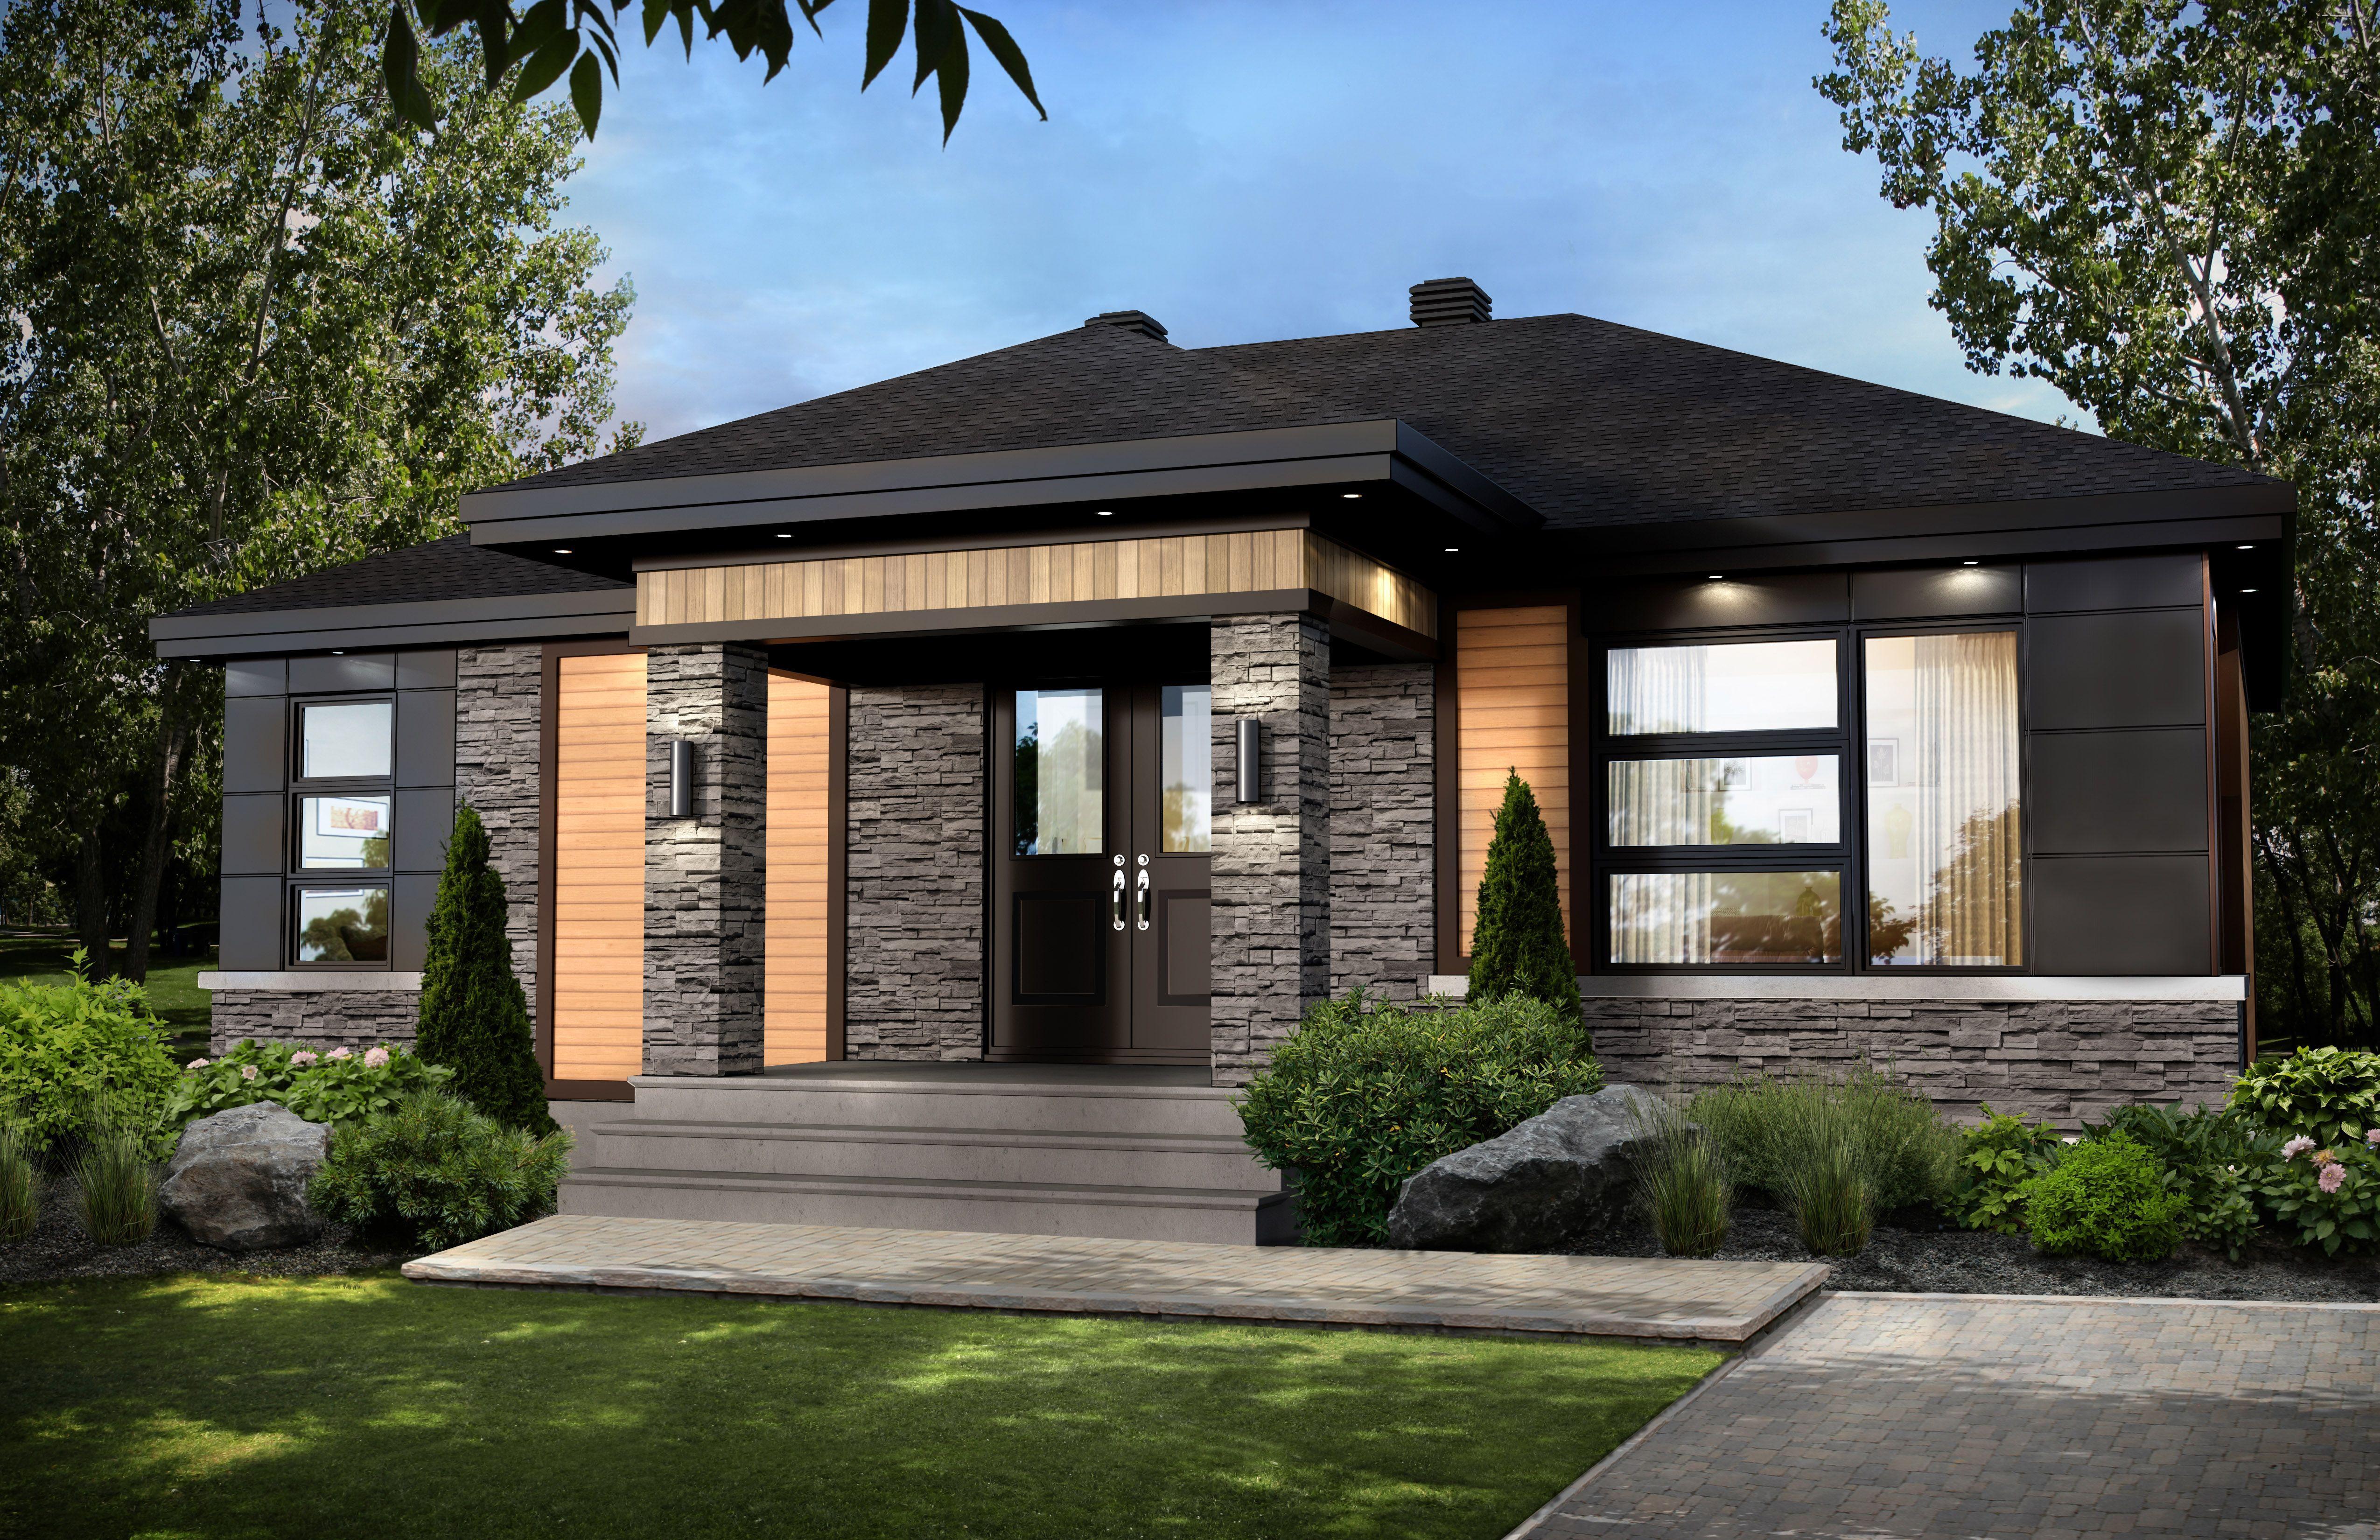 Notre modèle brockton offre une grande fenestration et une luminosité des plus abondante jolie maison dinspiration contemporaine elle est très